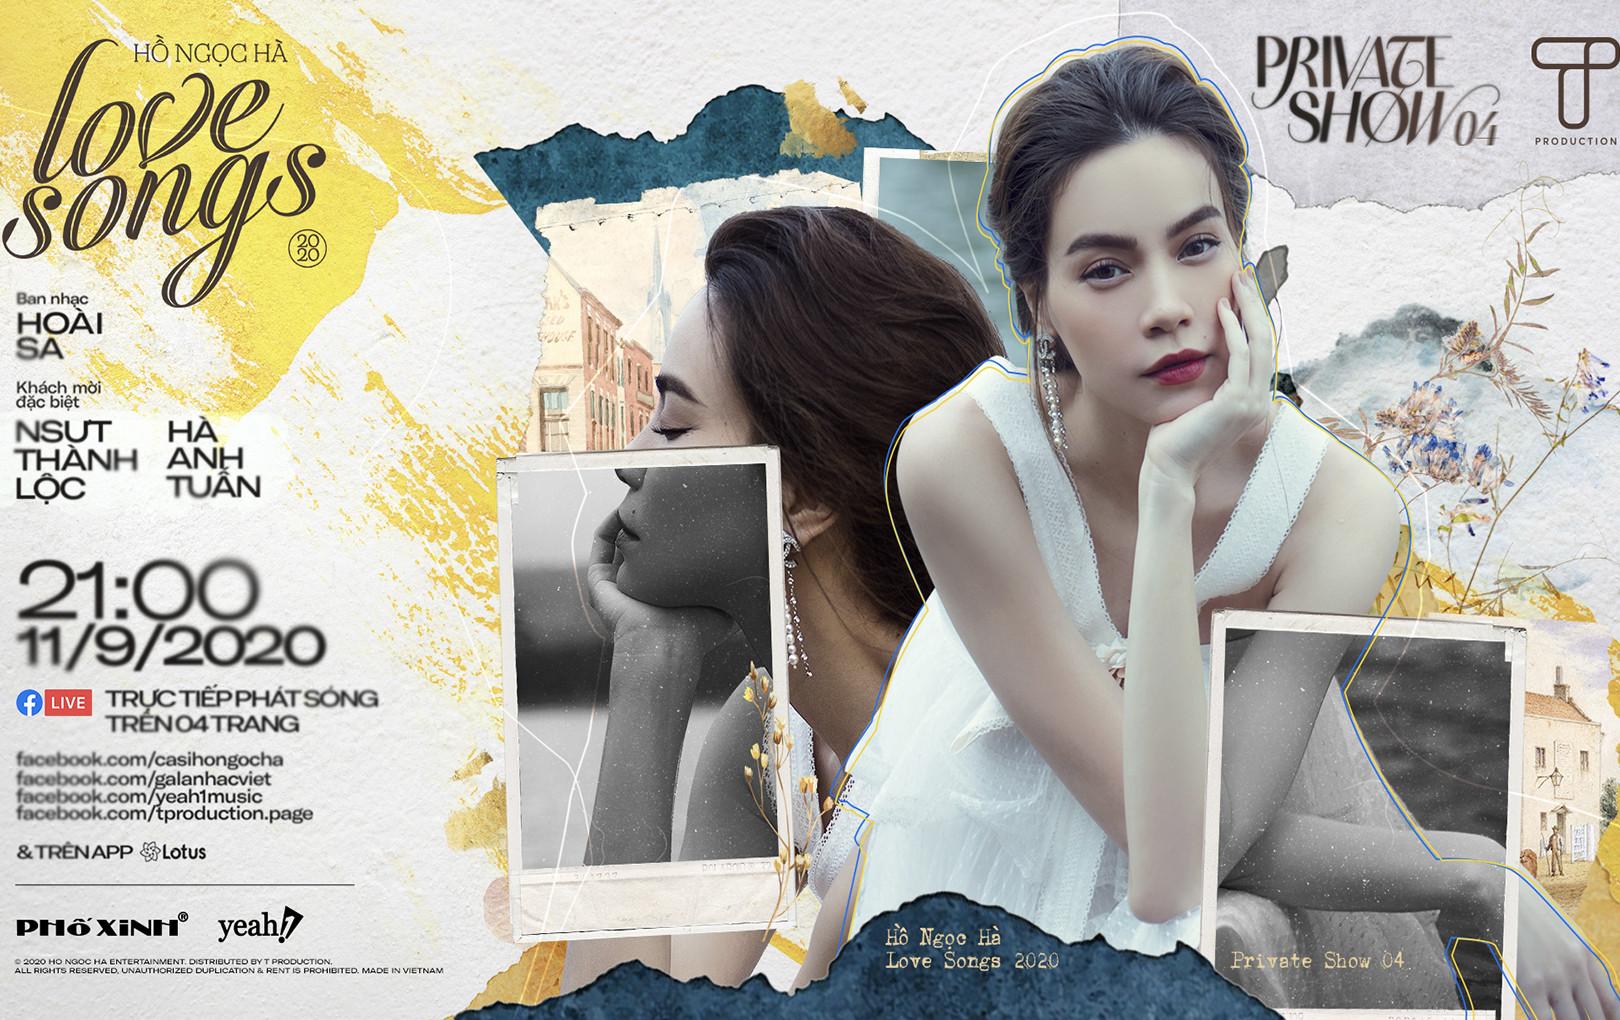 Hà Anh Tuấn, NSƯT Thành Lộc hội ngộ Hồ Ngọc Hà tại Private Show 04